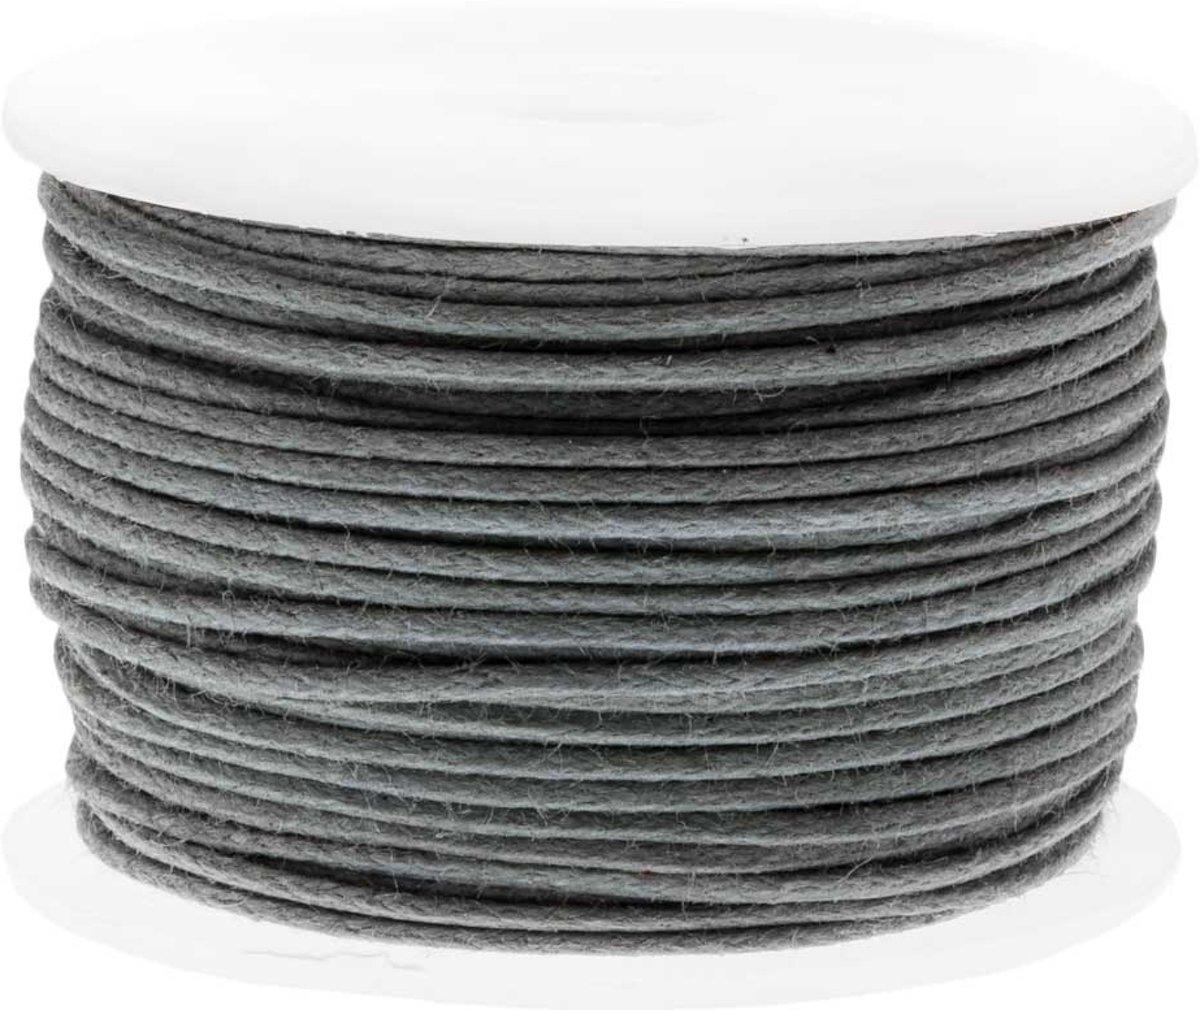 Waxkoord (0.5 mm) Stone Grey (25 Meter) kopen